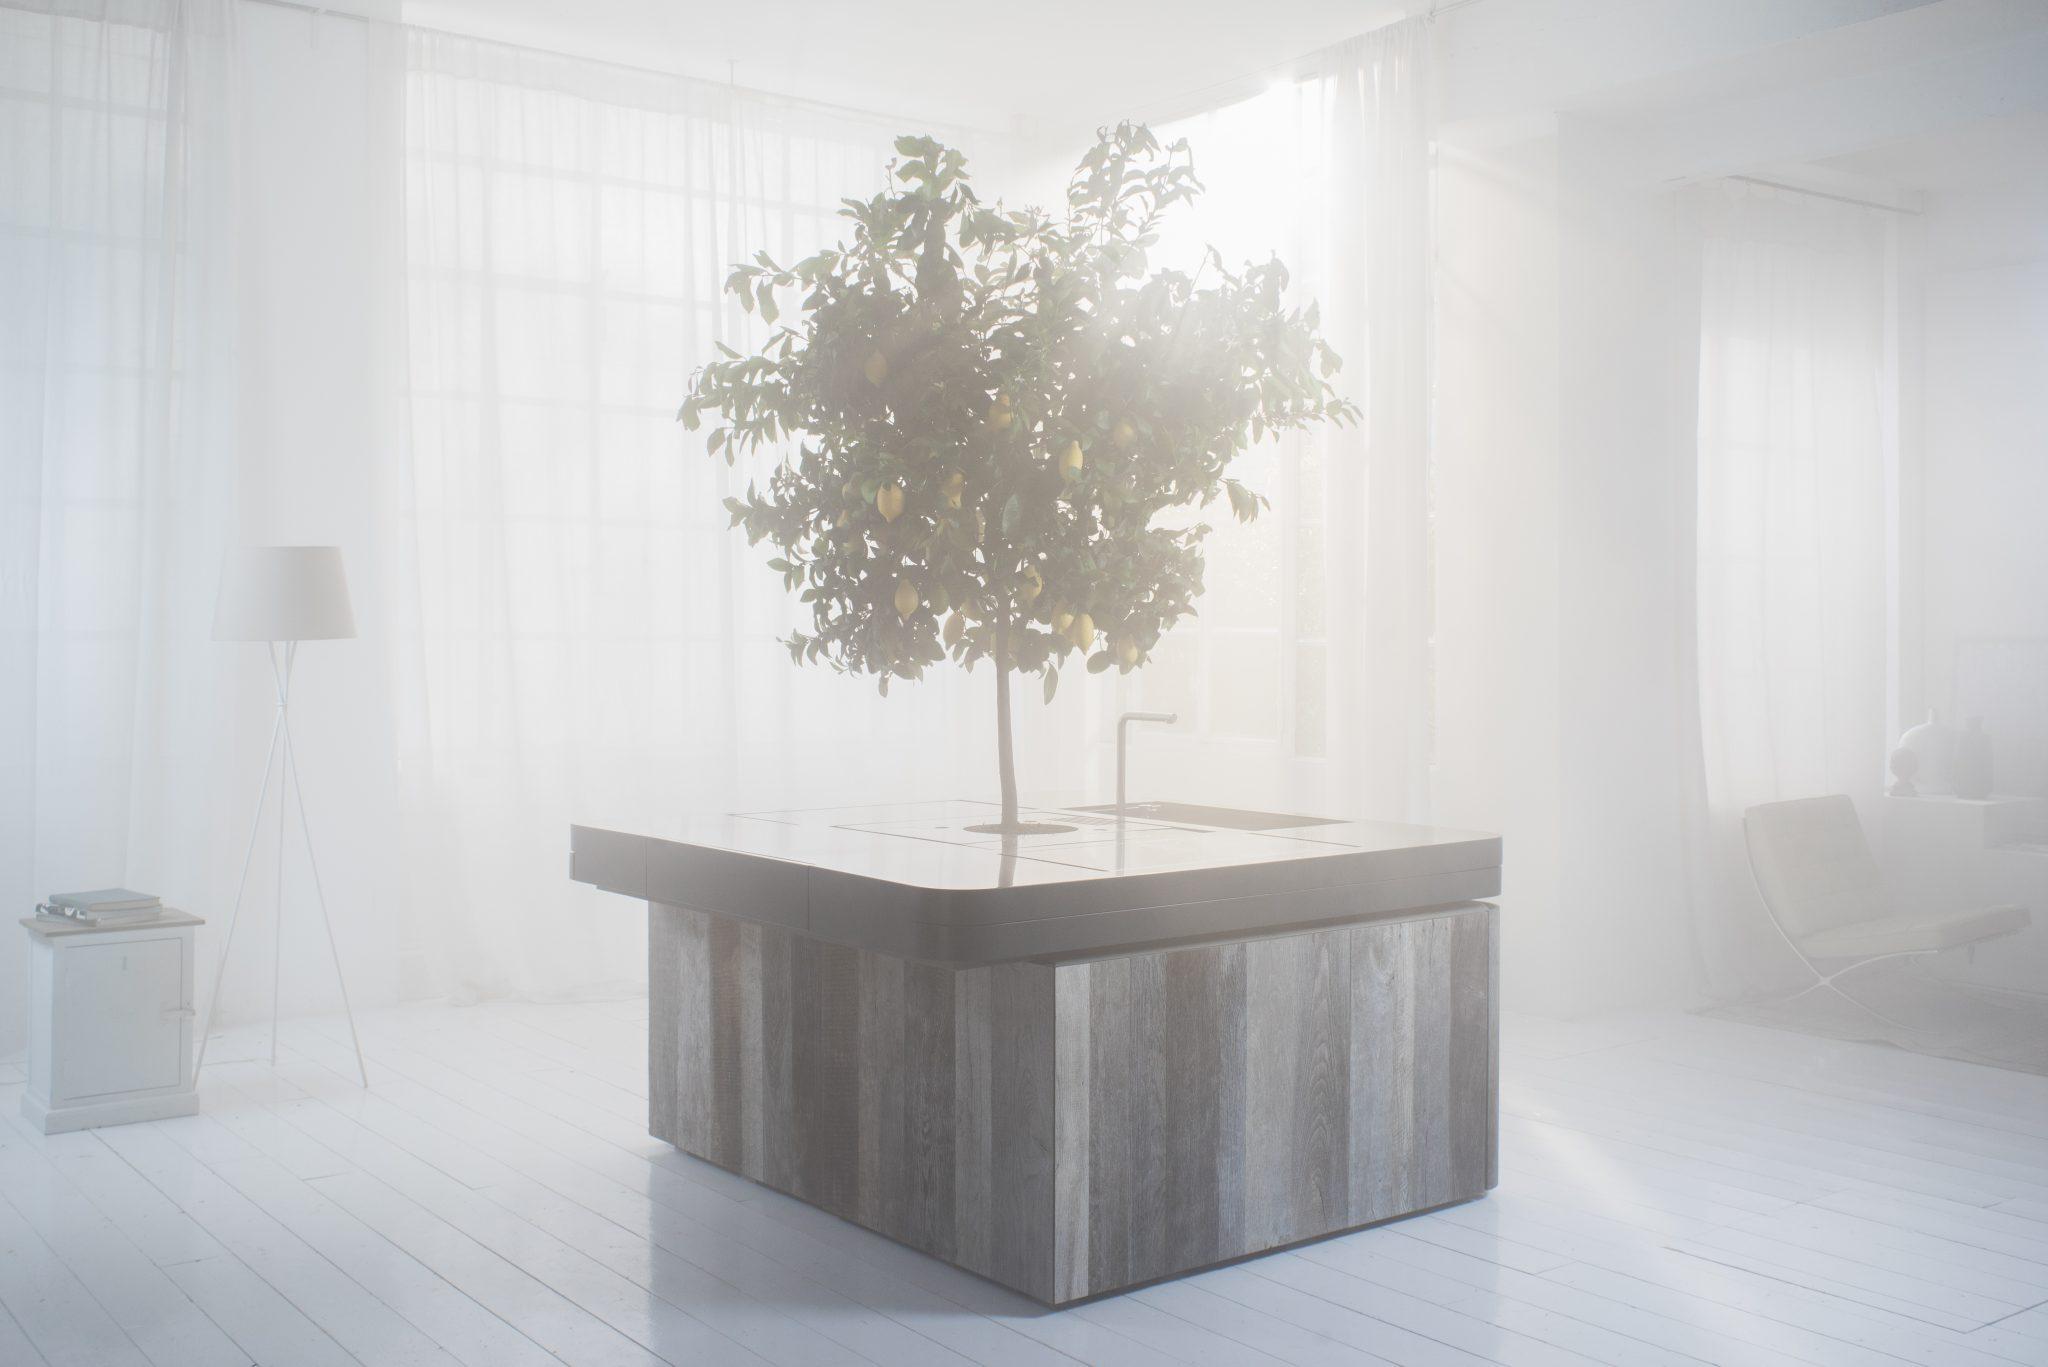 Oasi una cucina sotto i rami di un albero stefano boeri architetti